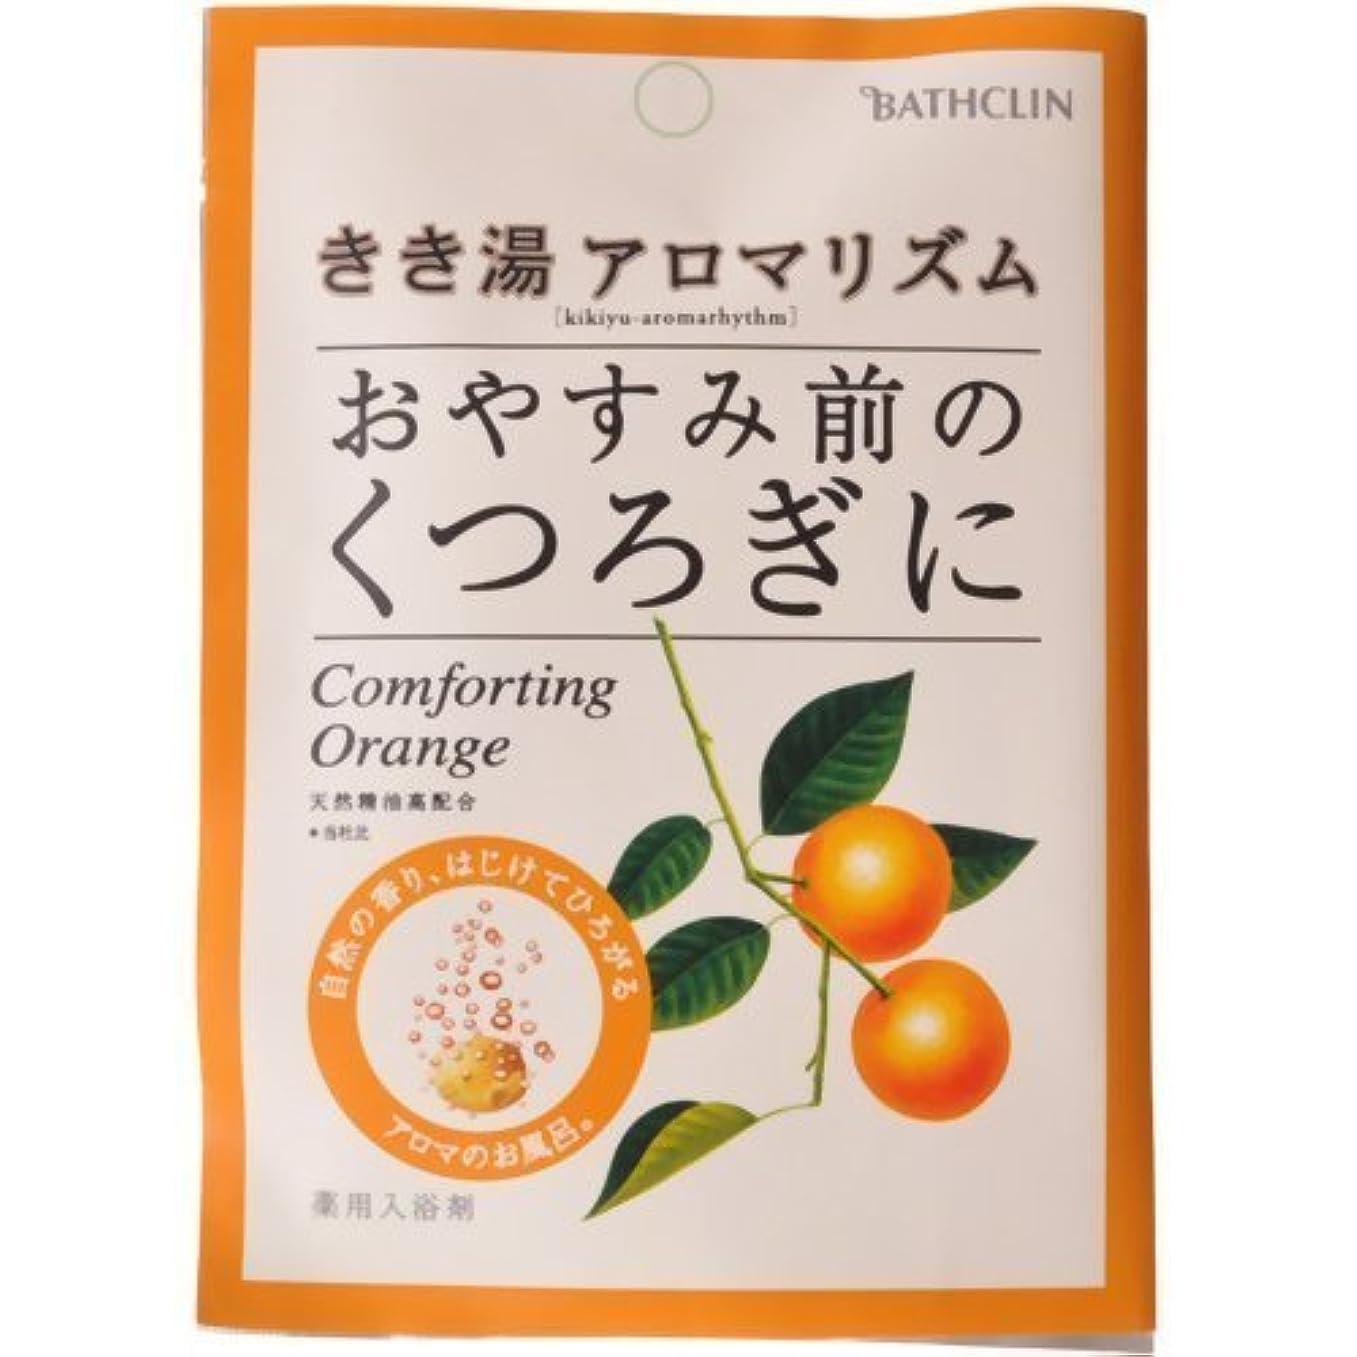 スコアロープ従順きき湯 アロマリズム コンフォーティングの香り 30g